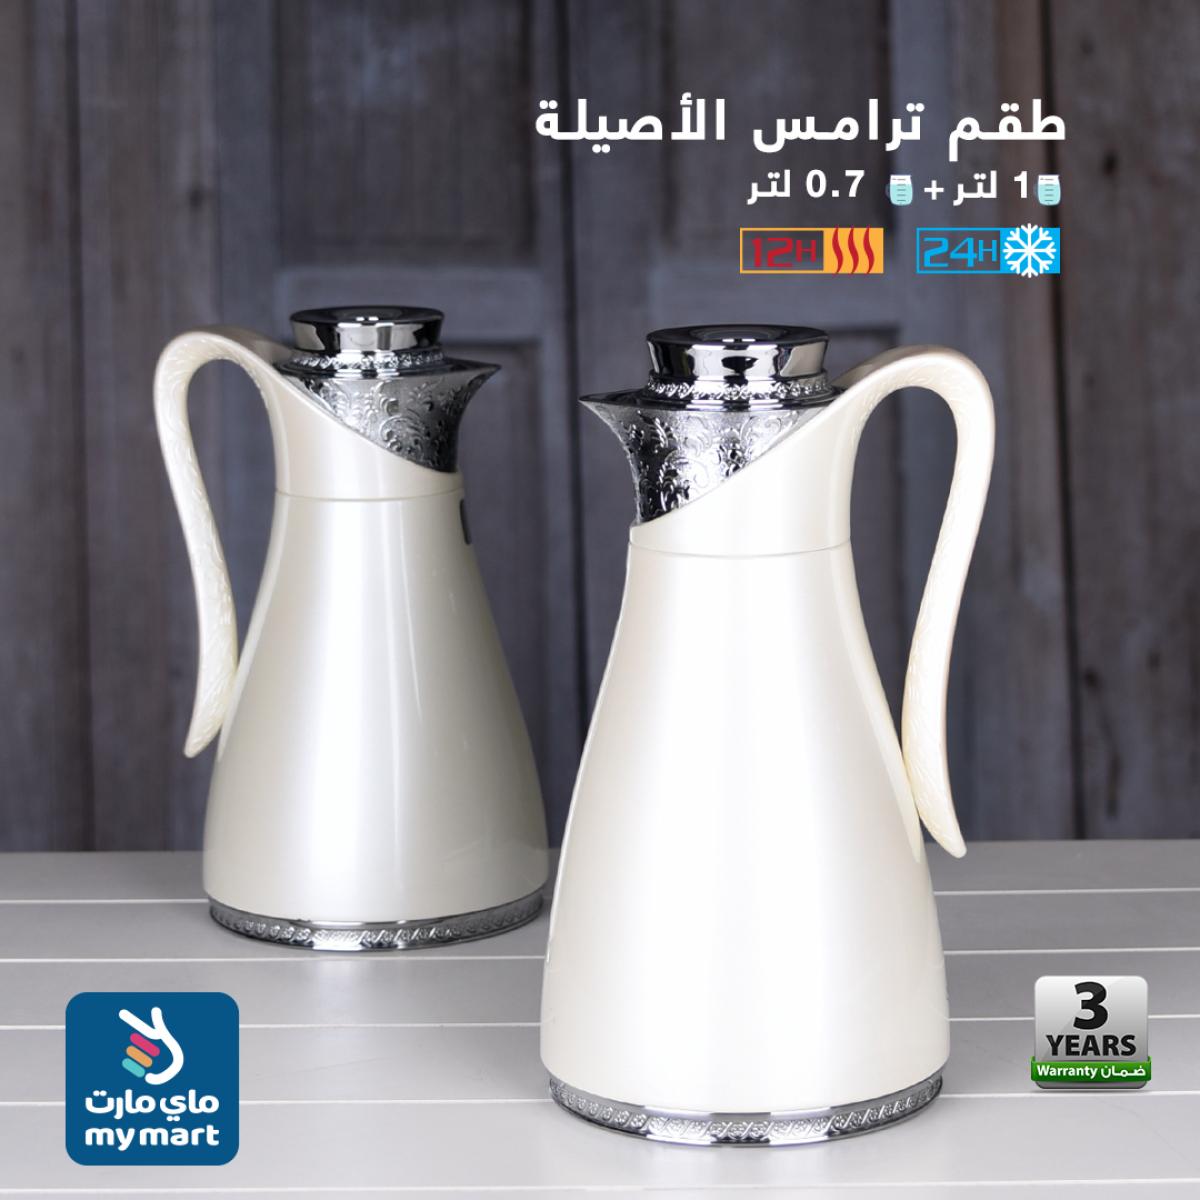 طقم ترامس , الاصيلة , للشاي والقهوة , لون ابيض , مقاس 1 لتر + 0.70 لتر